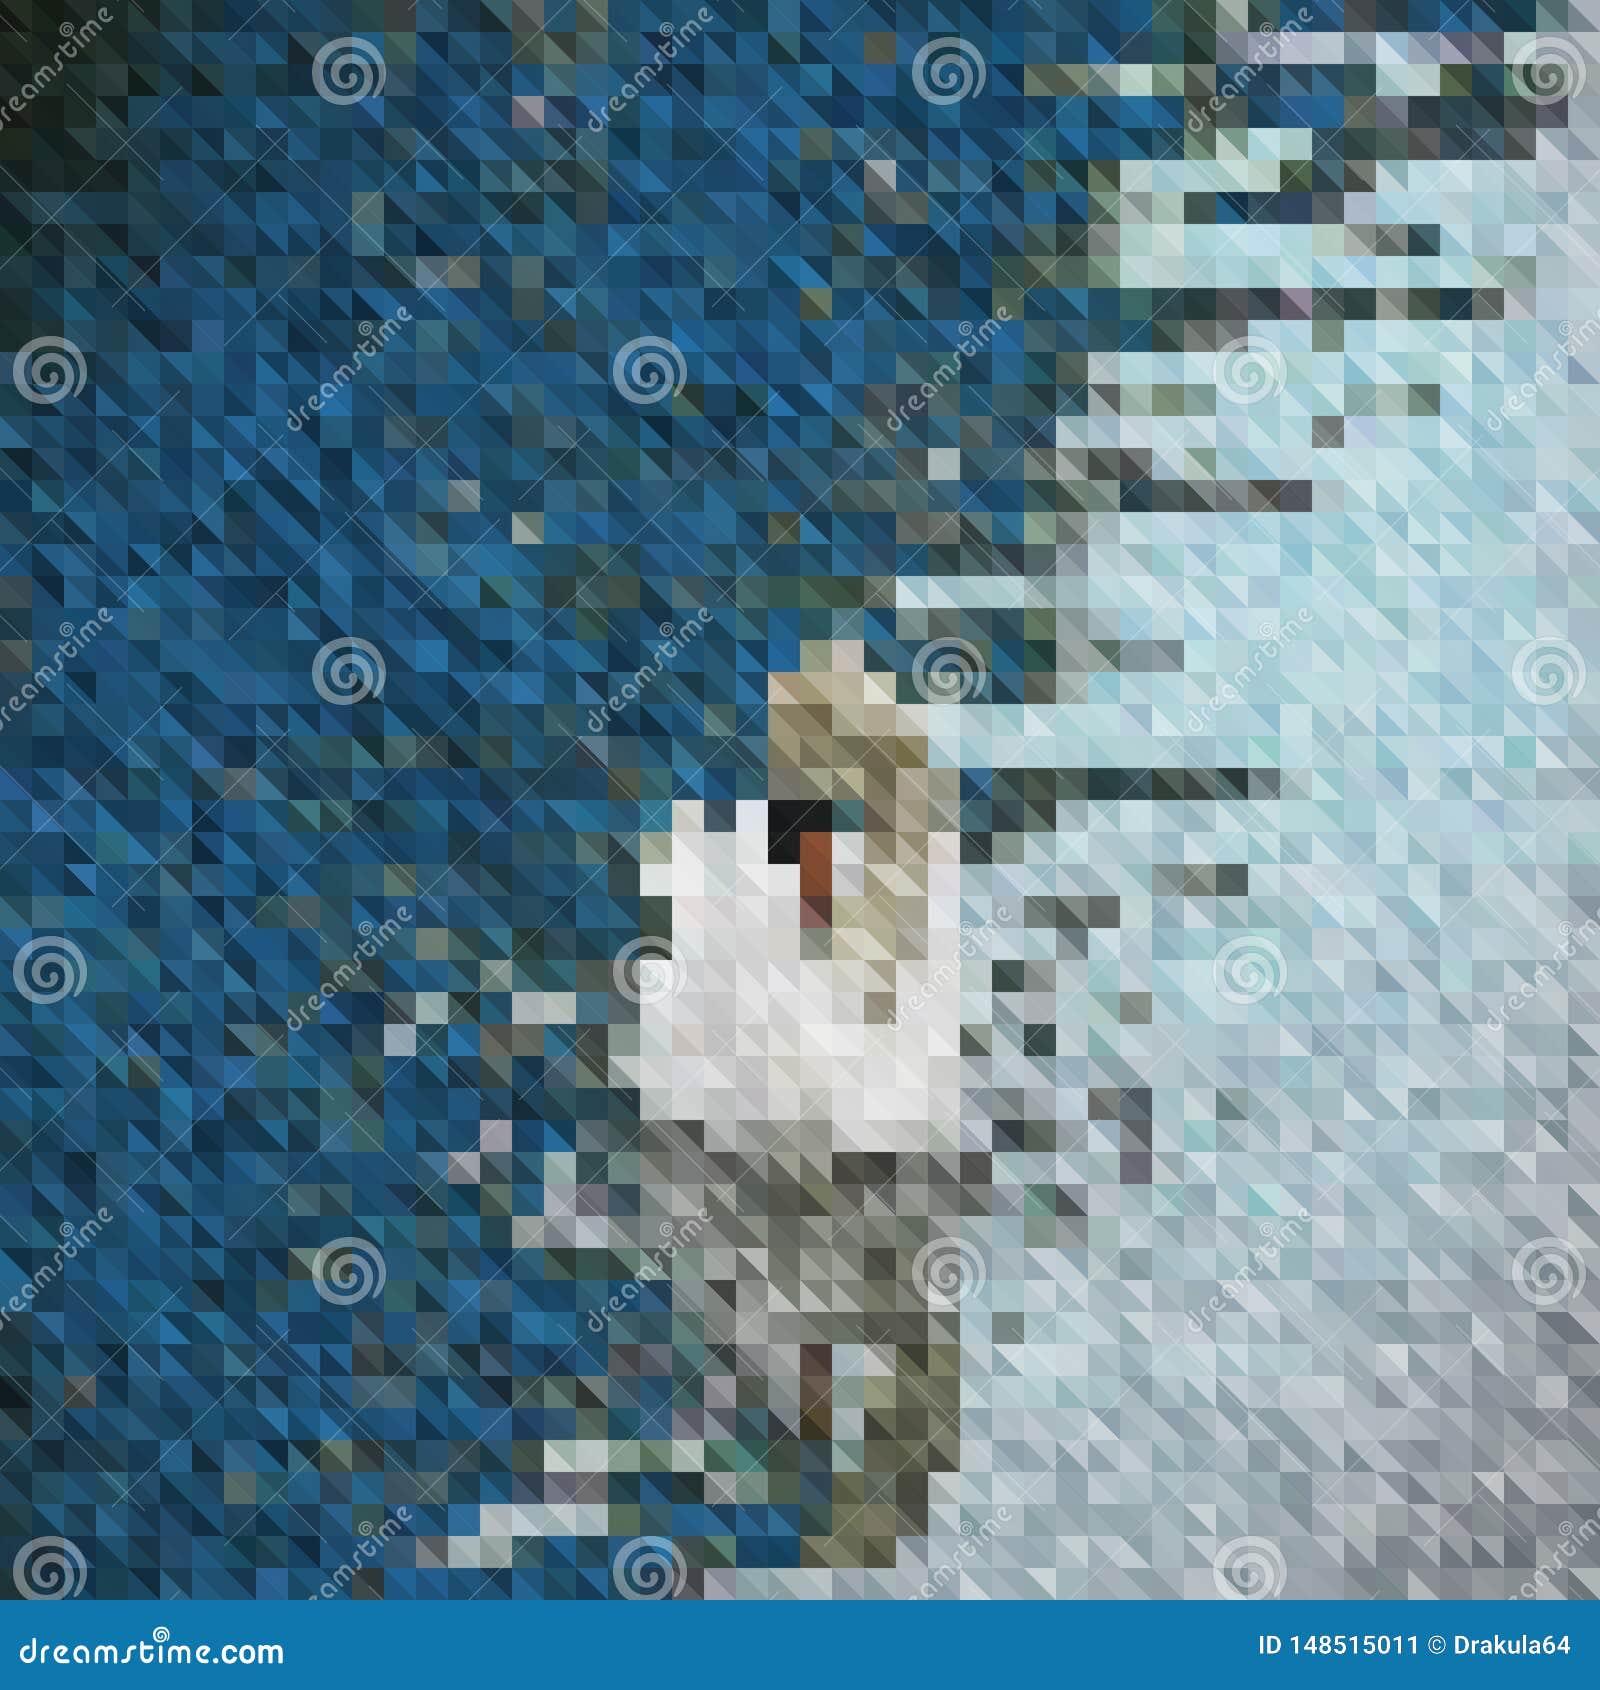 Υπόβαθρο-μωσαϊκό-άσπρος-Κύκνος--νερό